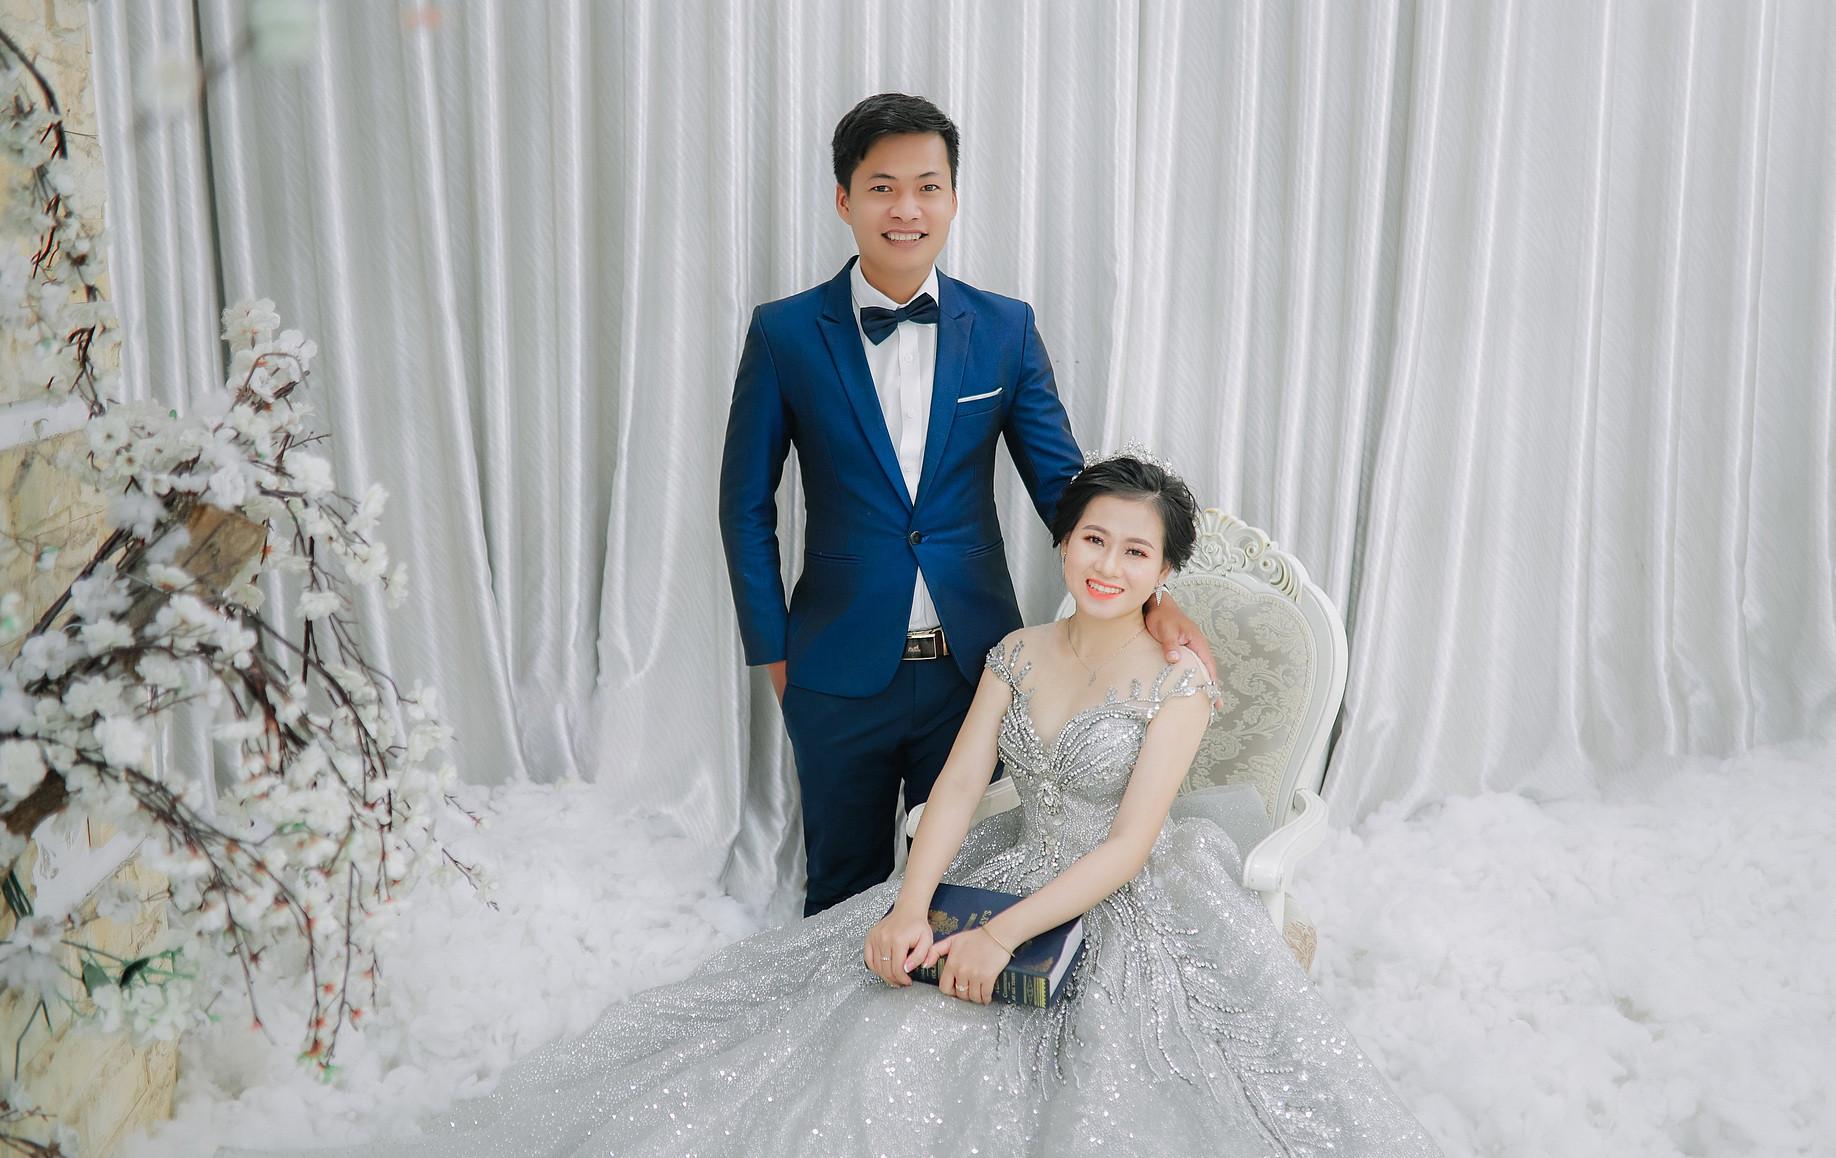 Cặp đôi kết hôn sau 10 tháng được mai mối trên show truyền hình - 3